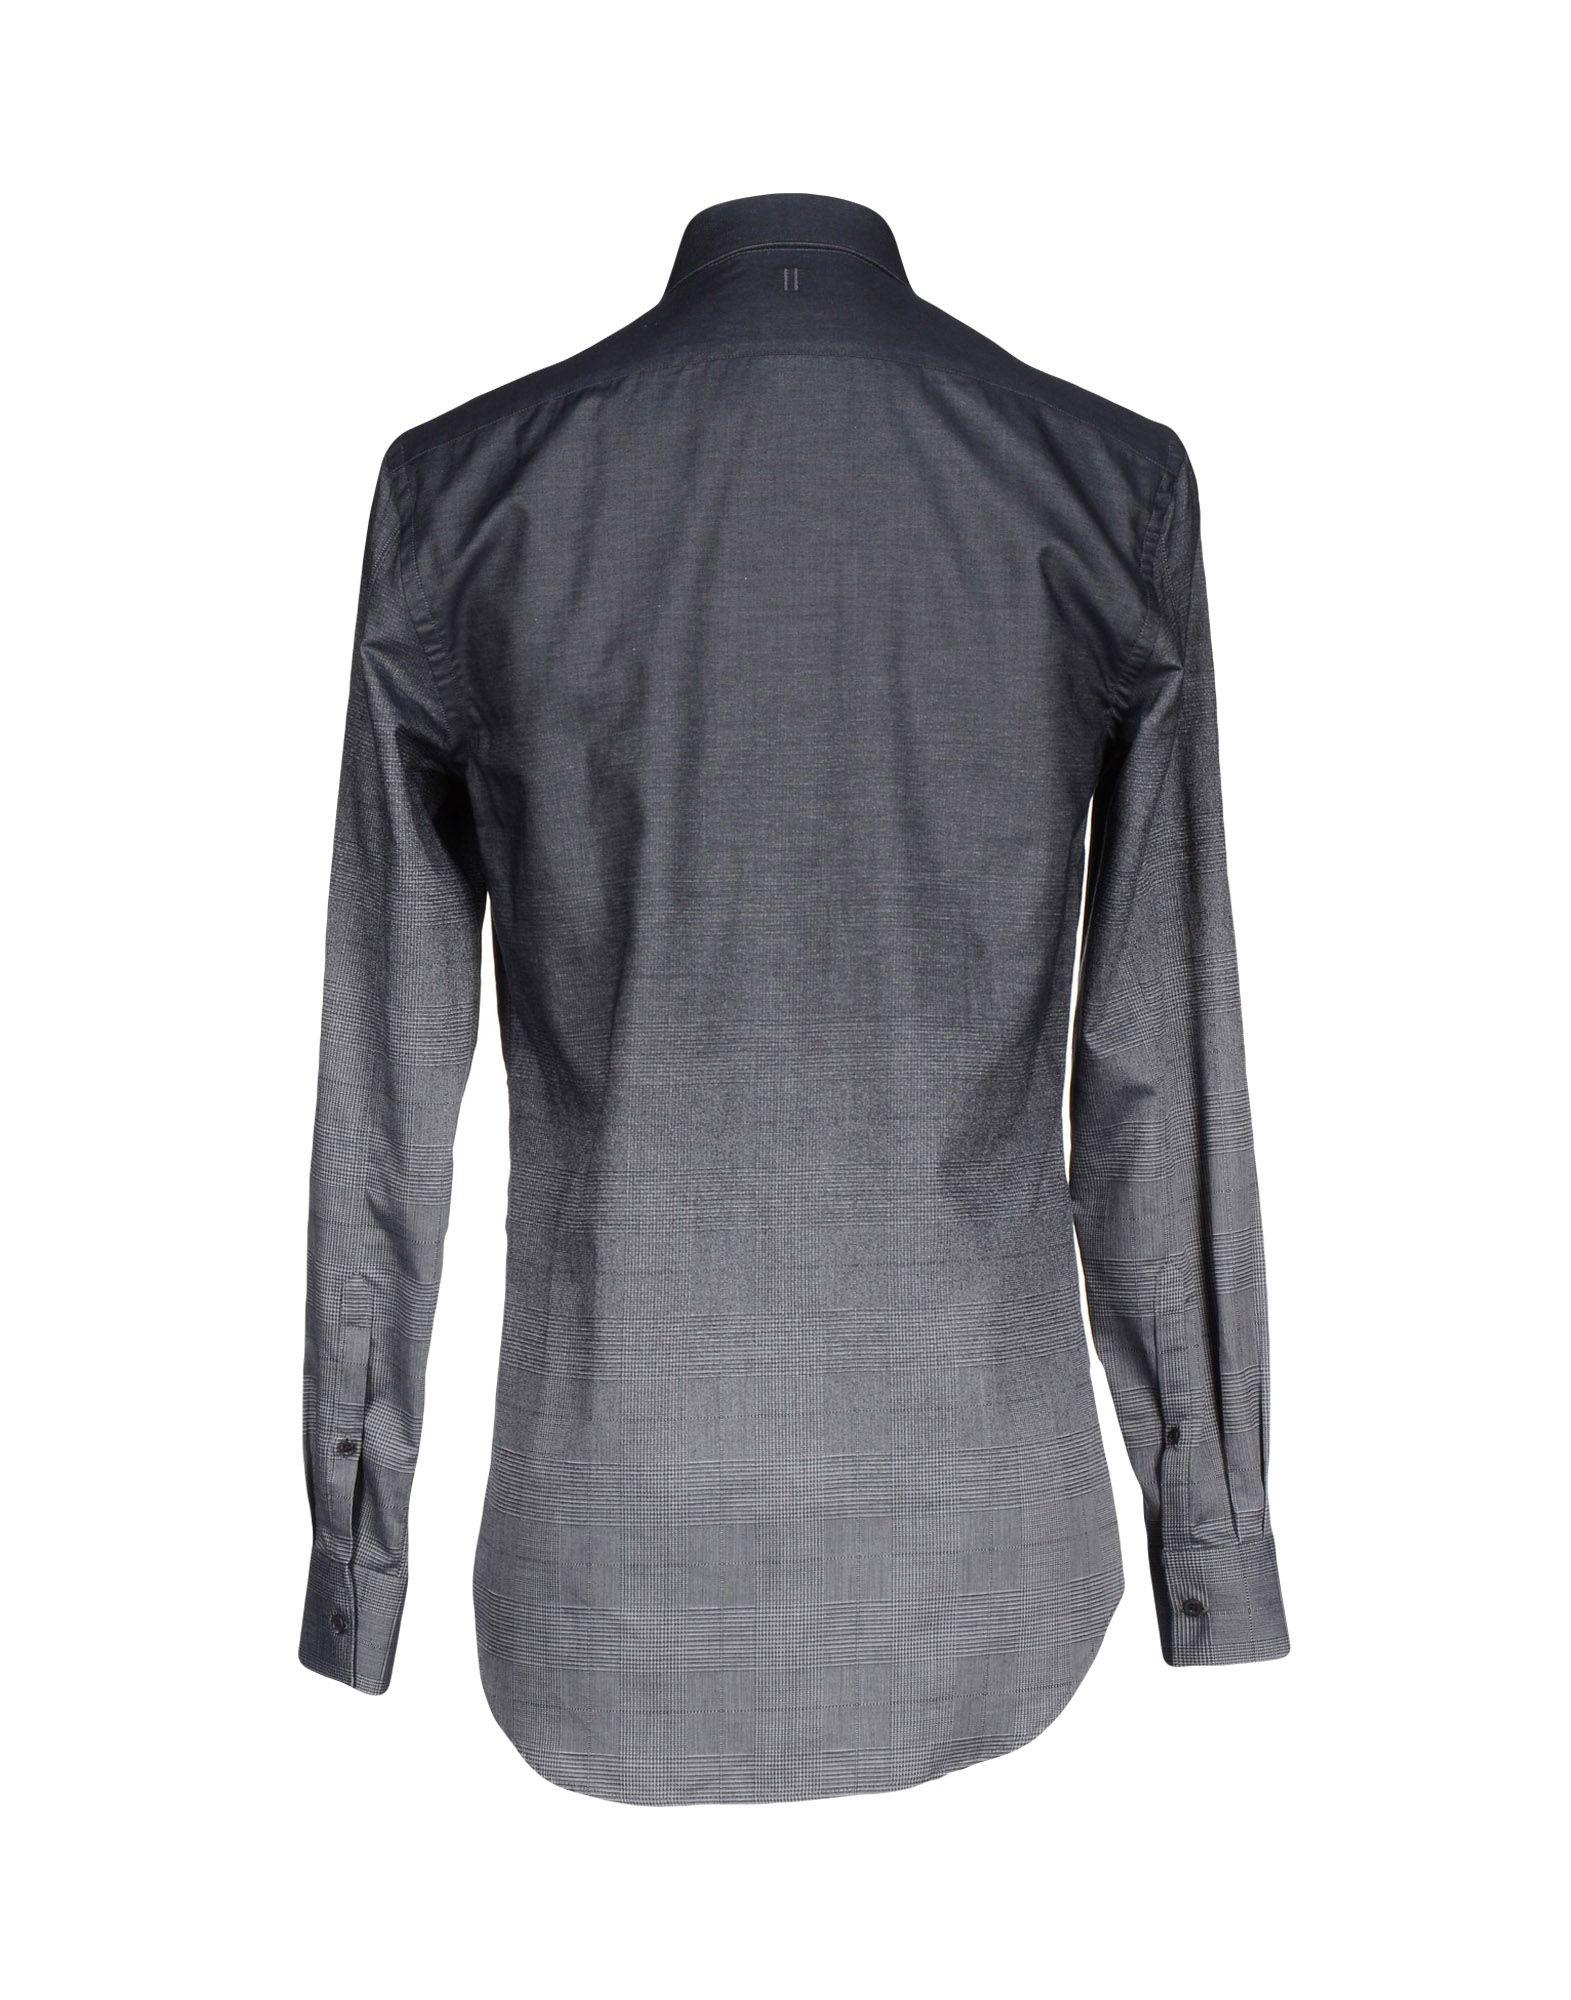 Neil barrett shirt in gray for men lyst for Neil barrett tuxedo shirt